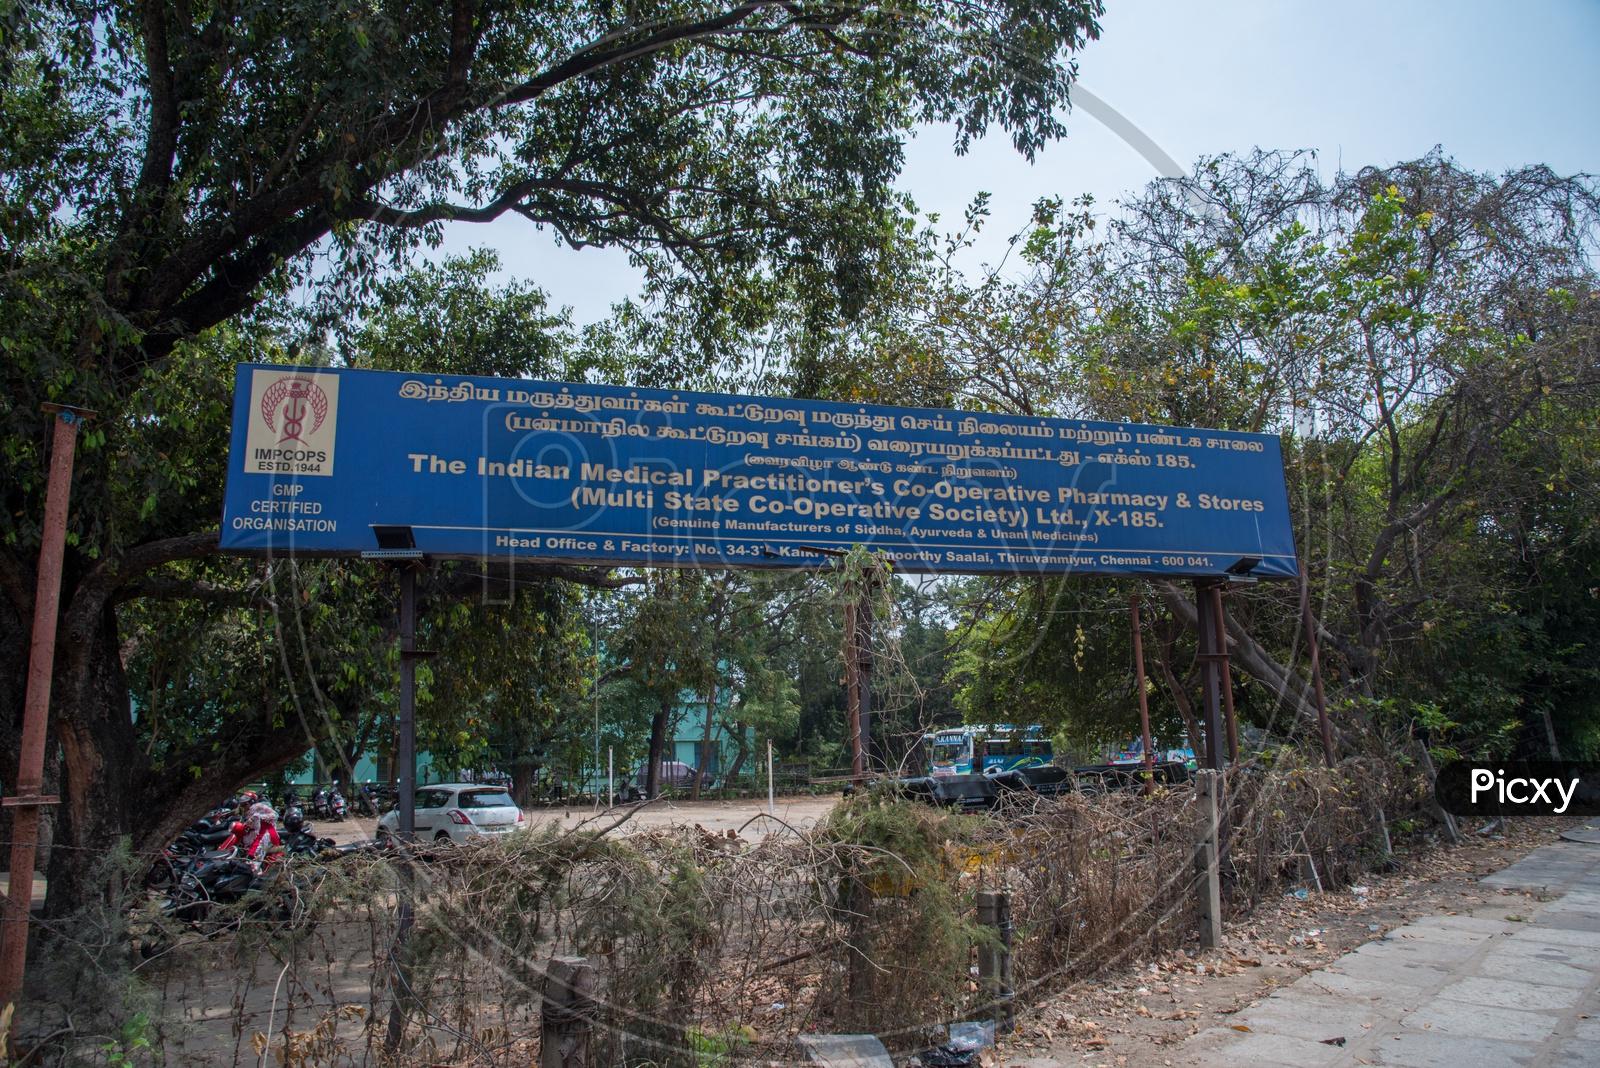 IMPCOPS Chennai Recruitment 2021